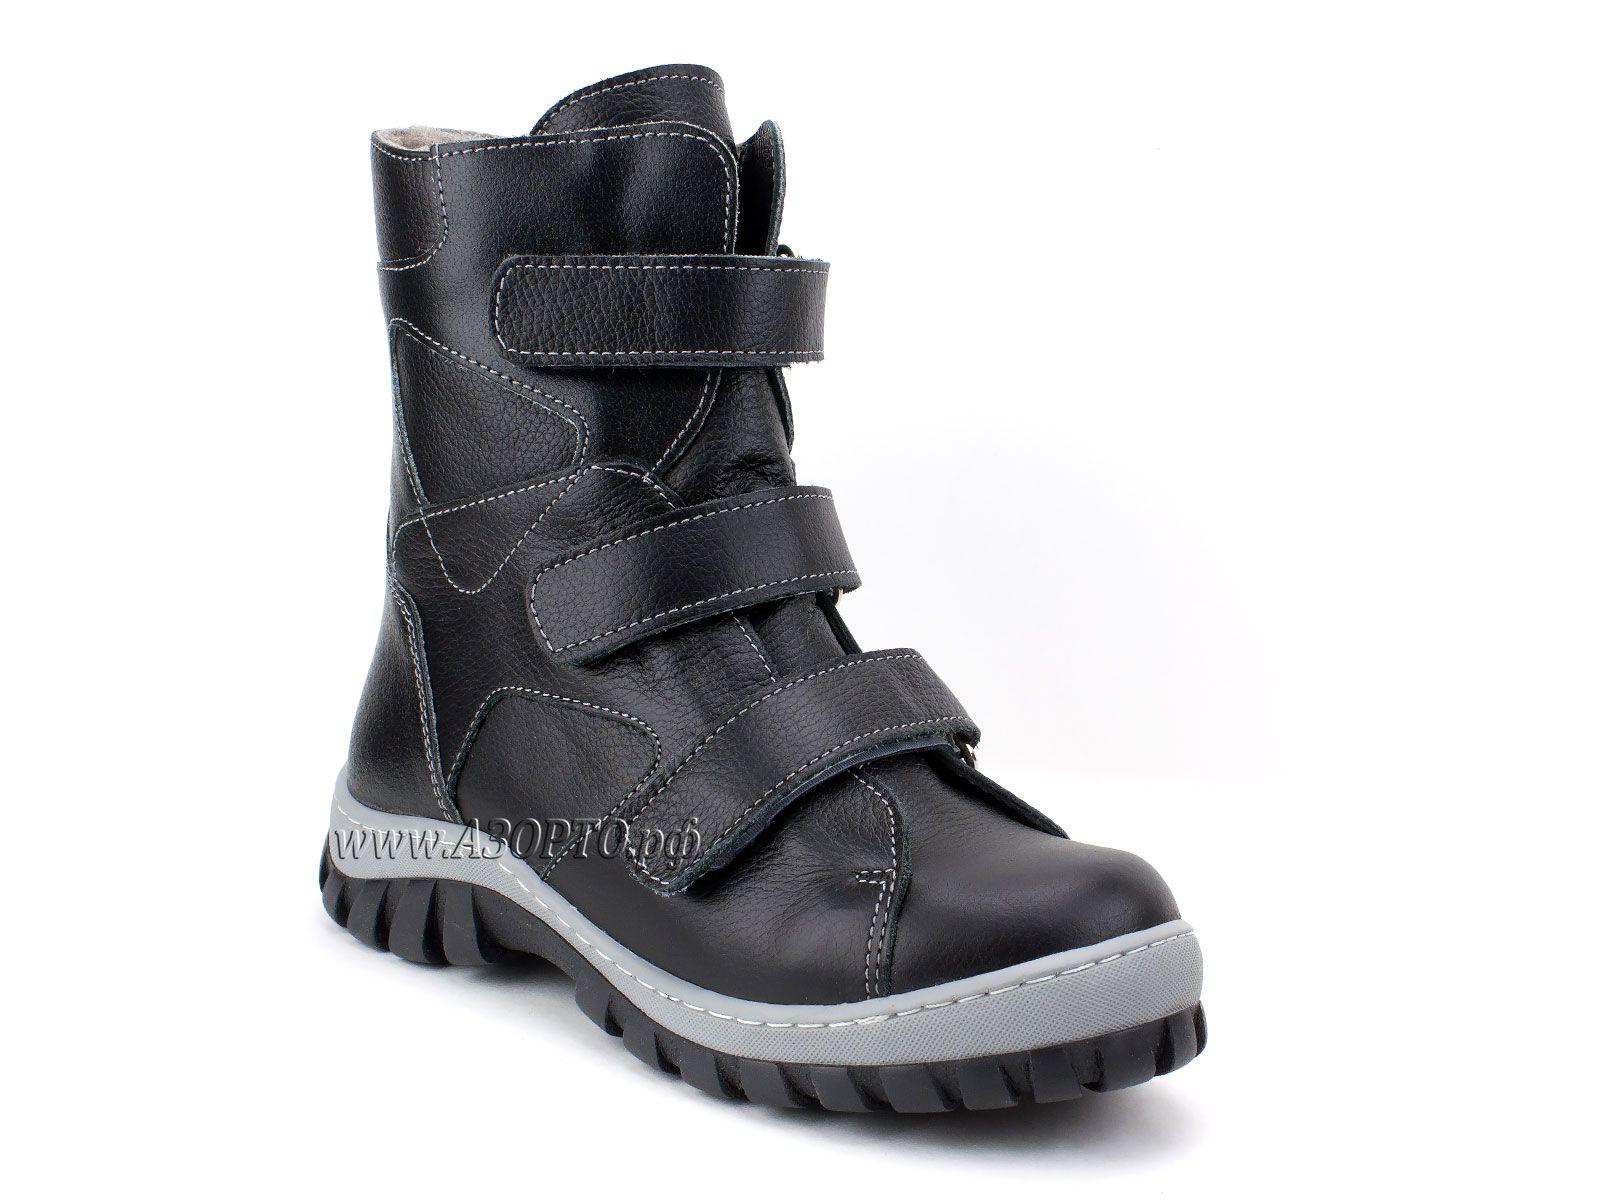 c6a365300 207 (37-40) Аквелла (АРТЕМОН), ботинки зимние ортопедические с высоким  берцем, натуральная шерсть, кожа, черный